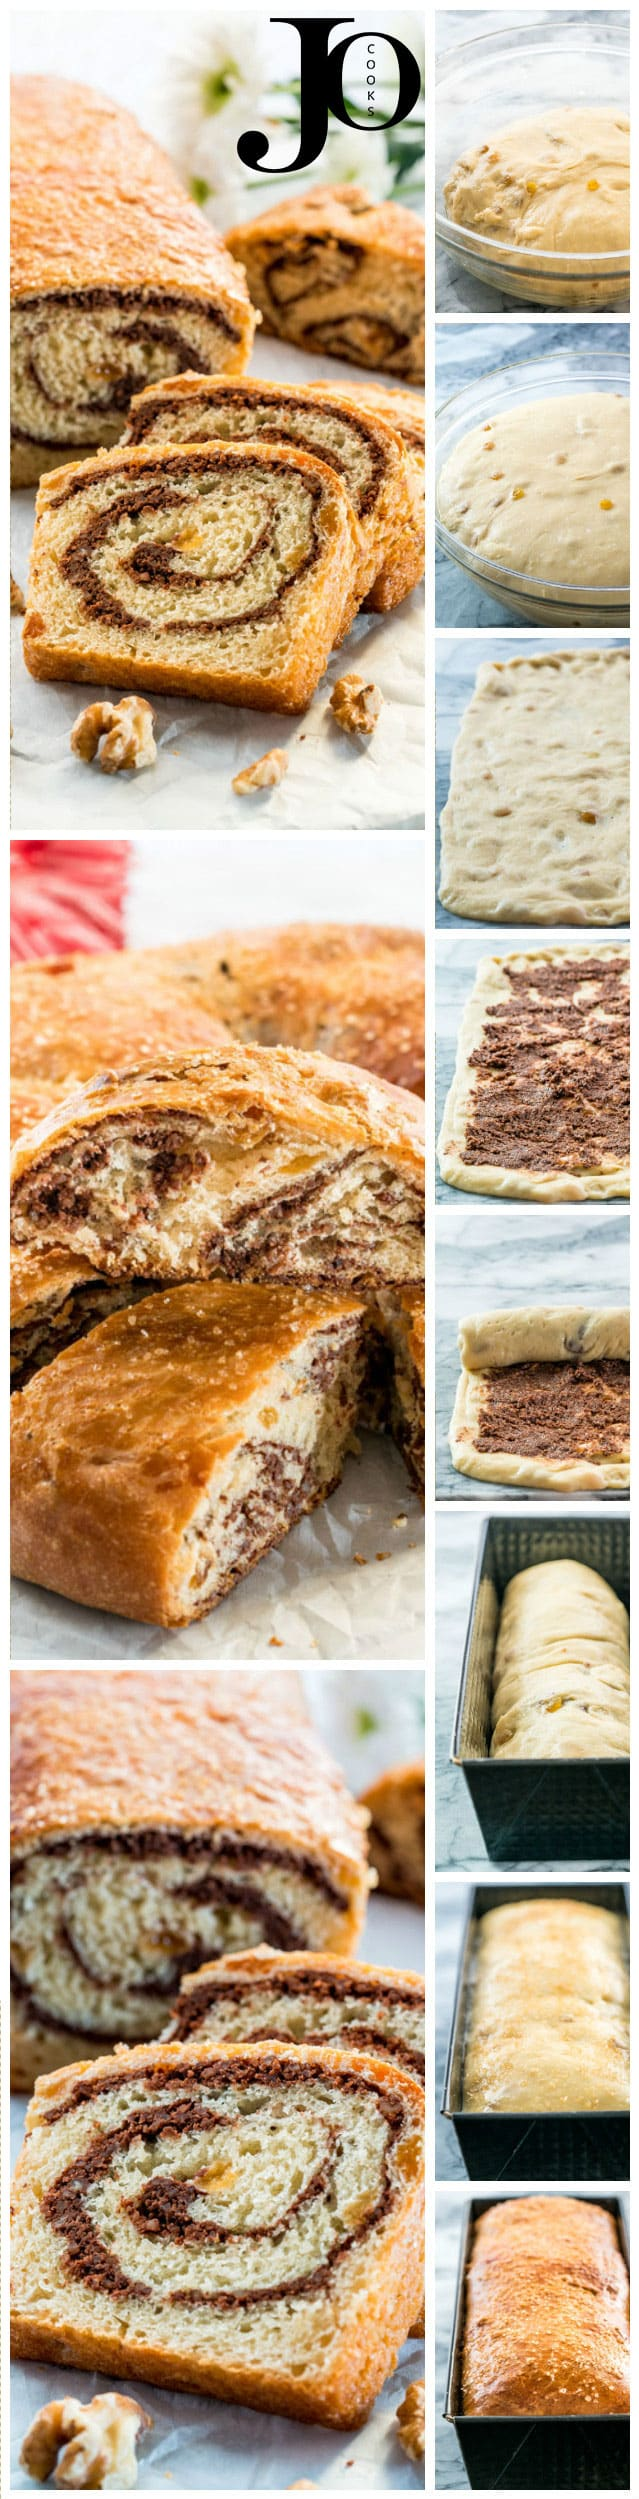 Sweet Walnut Bread known as